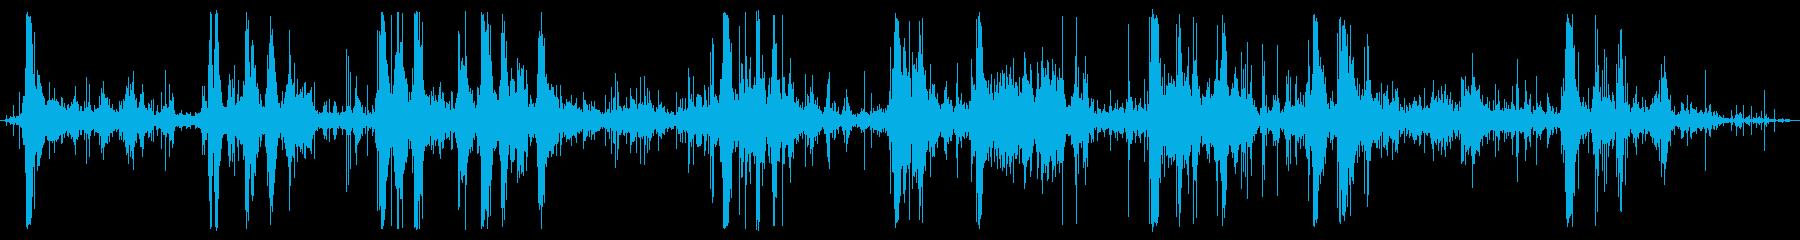 大ヒット、フォリーと葉のROMPの再生済みの波形